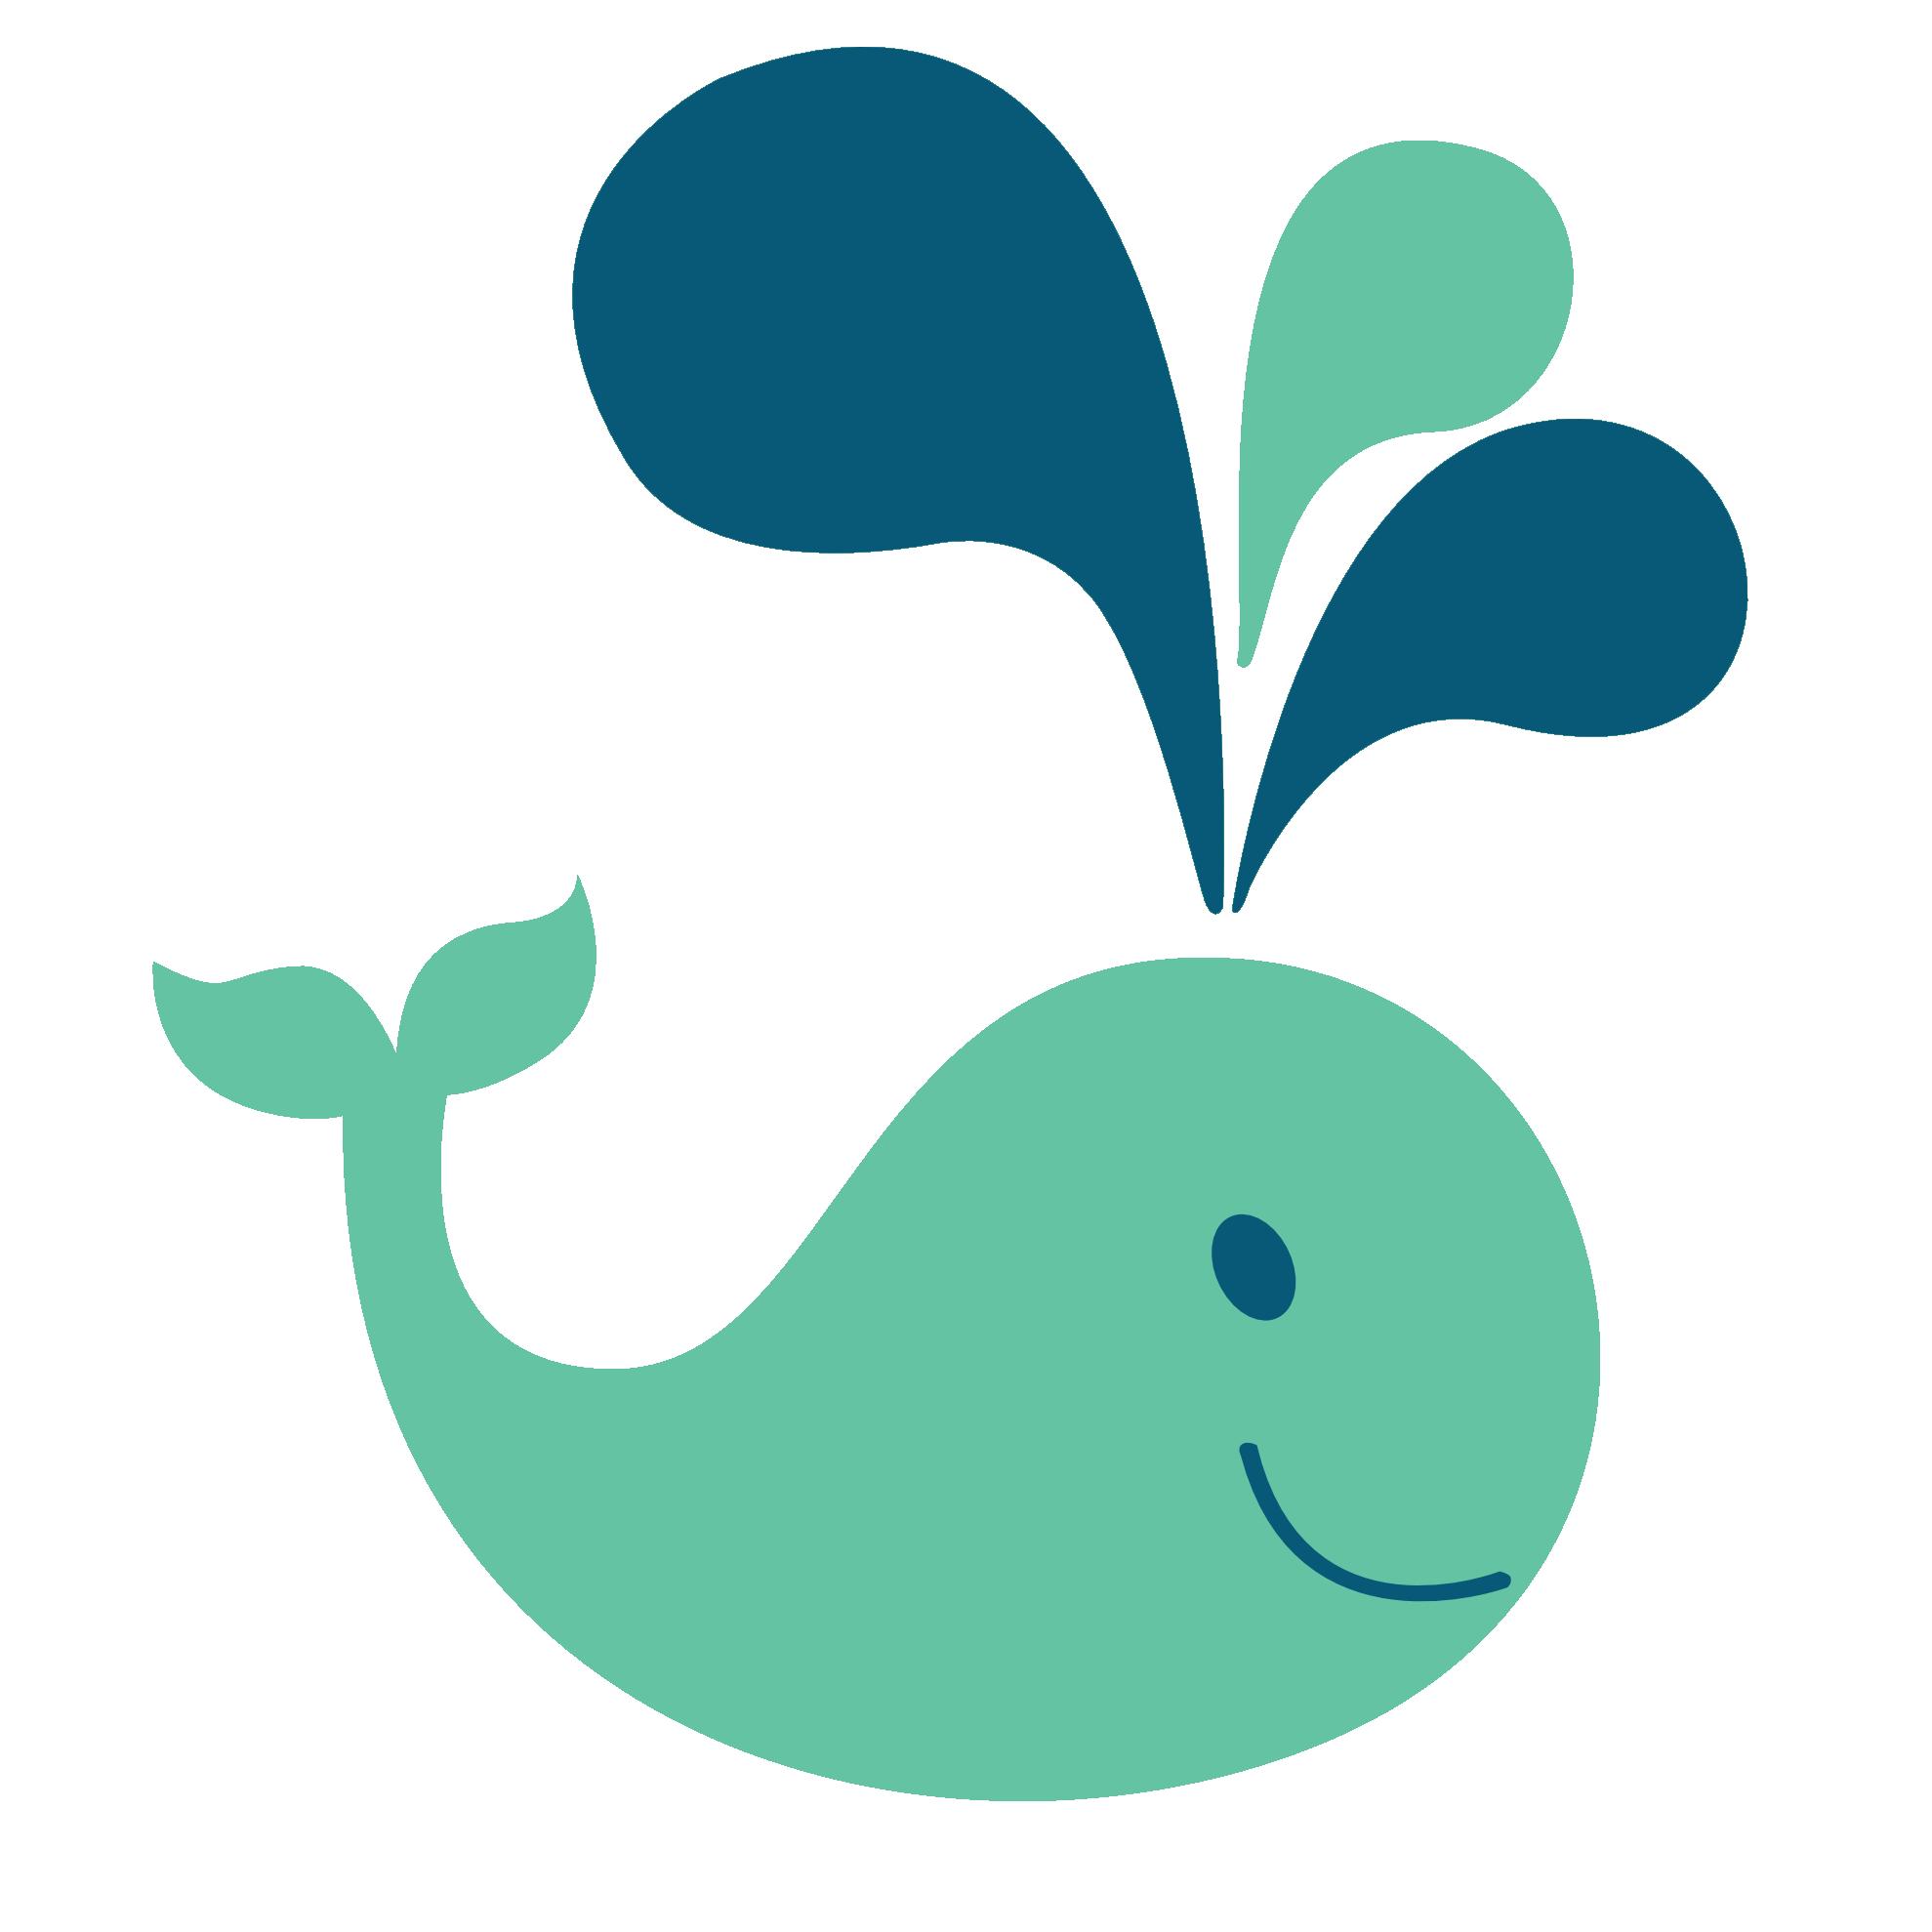 Clipart whale porpoise. Clip art kids panda